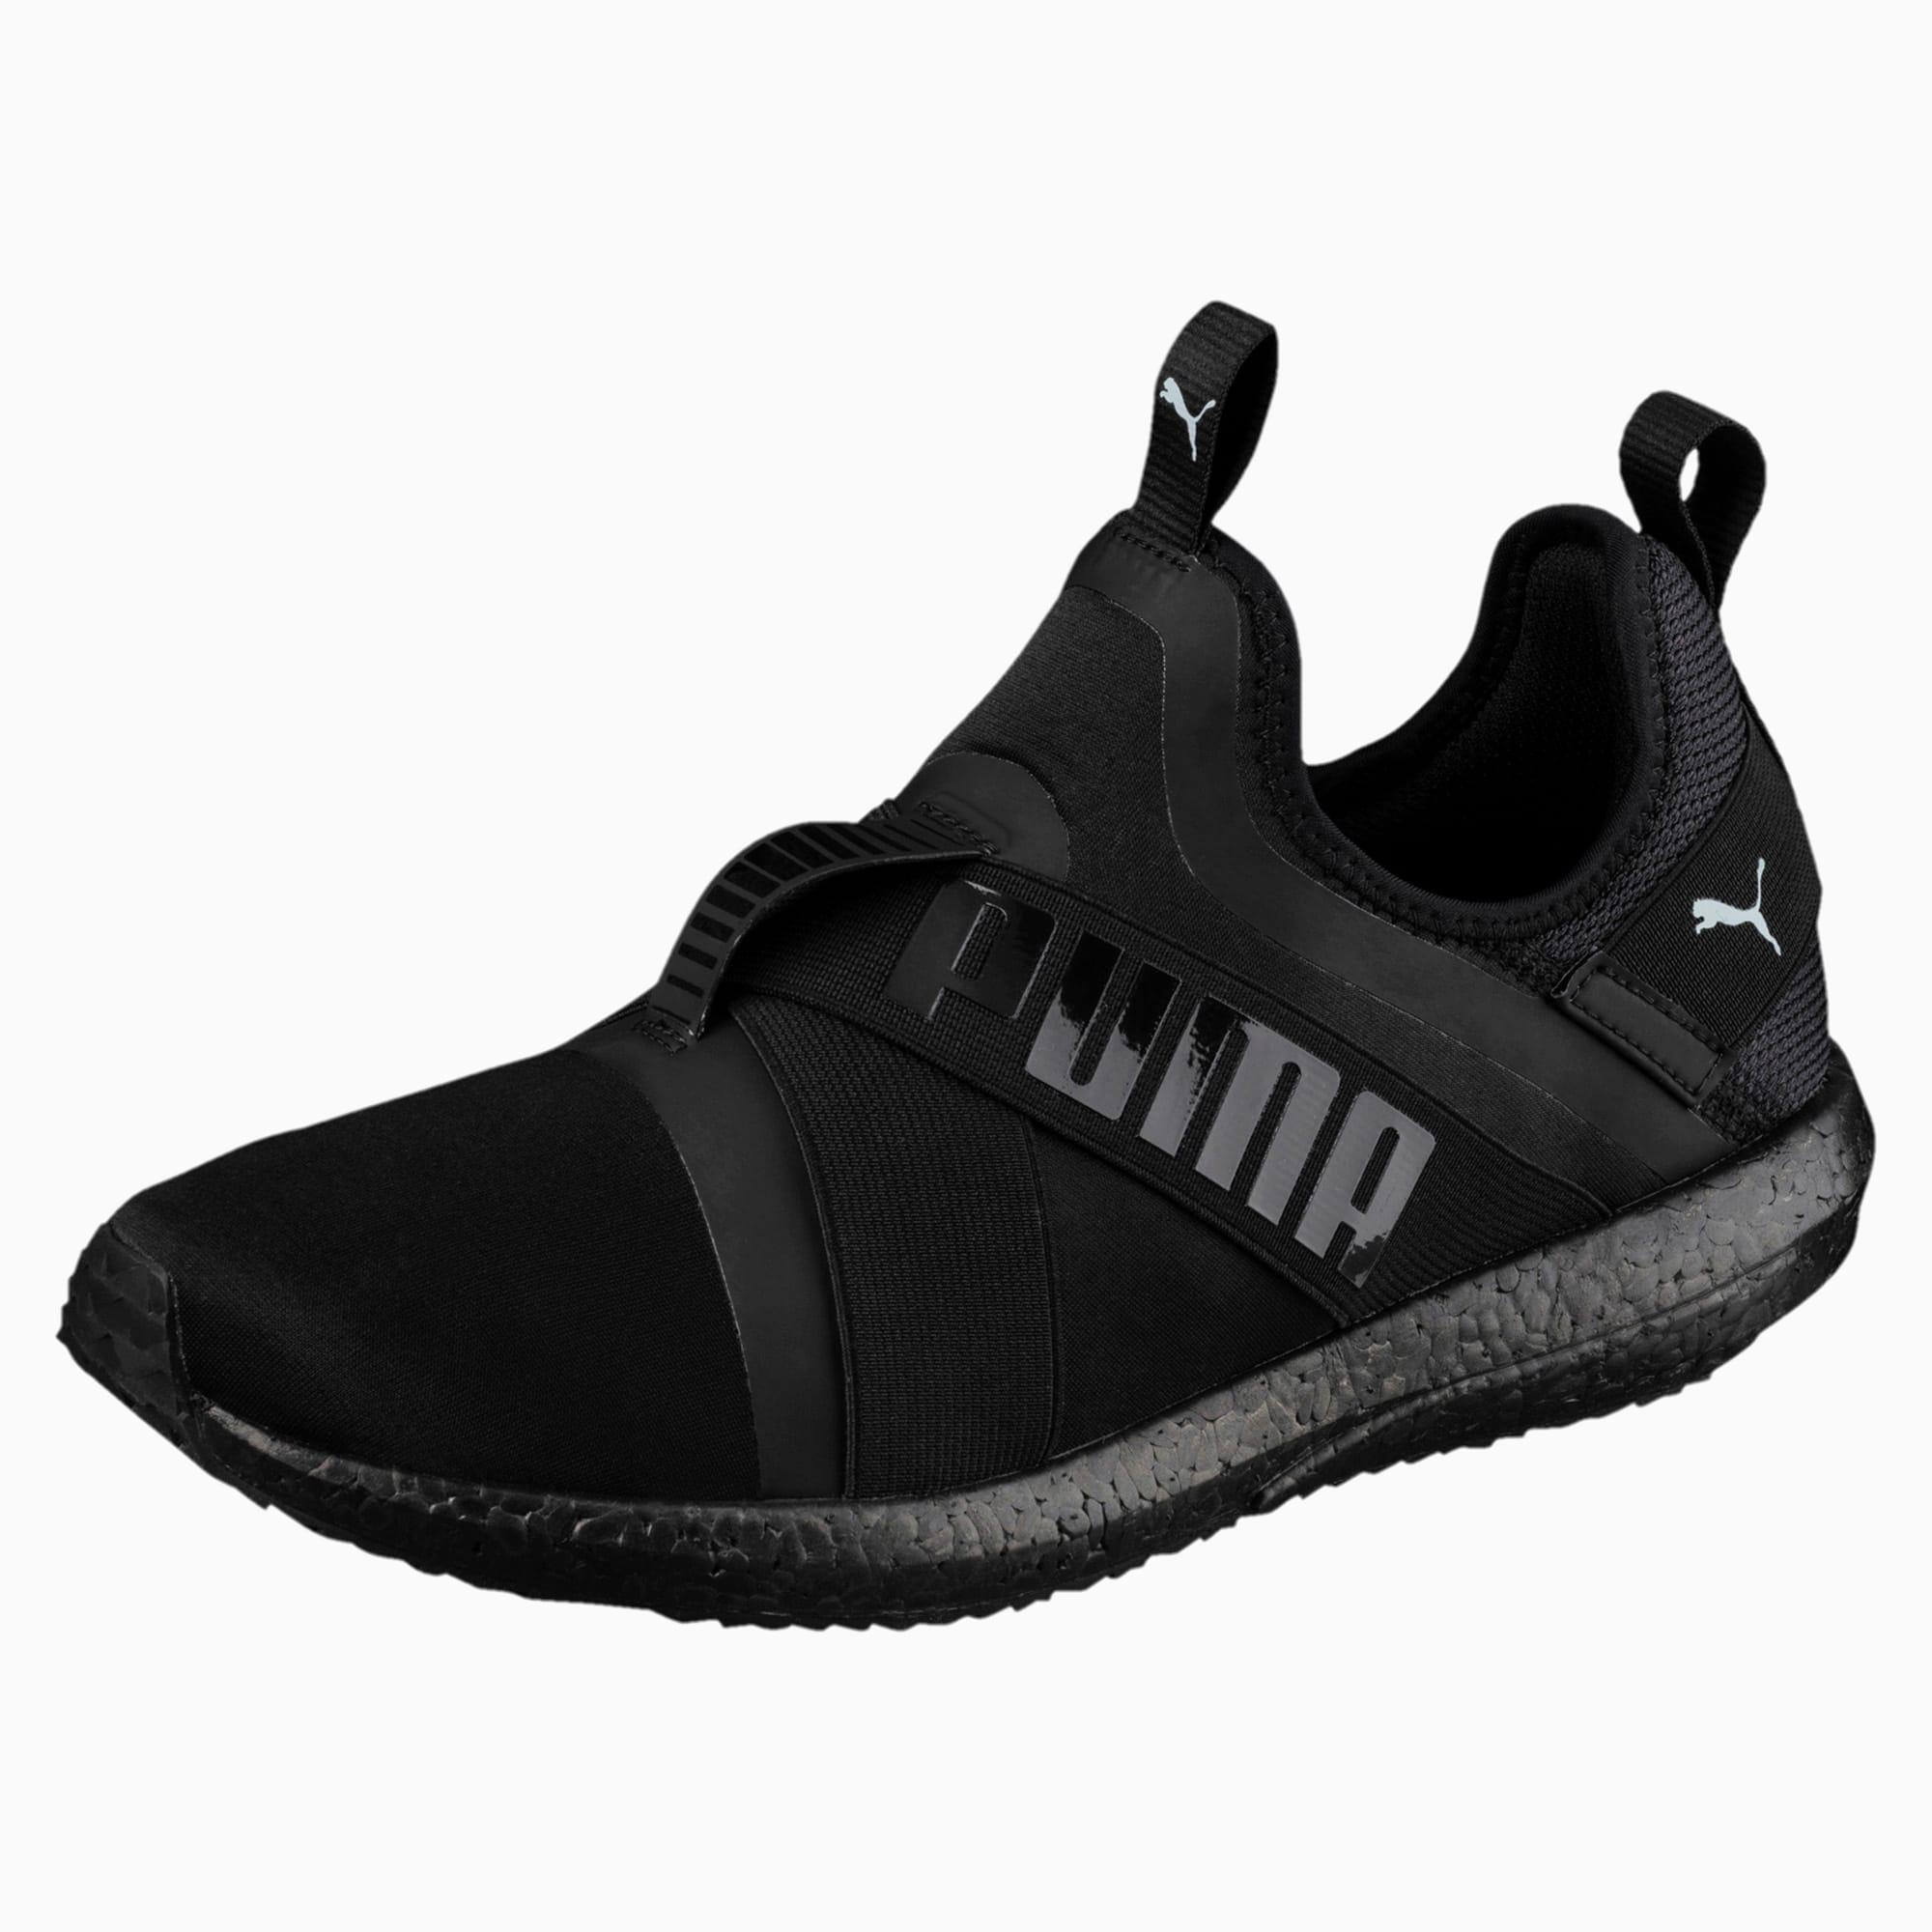 Mega NRGY X Men's Running Shoes